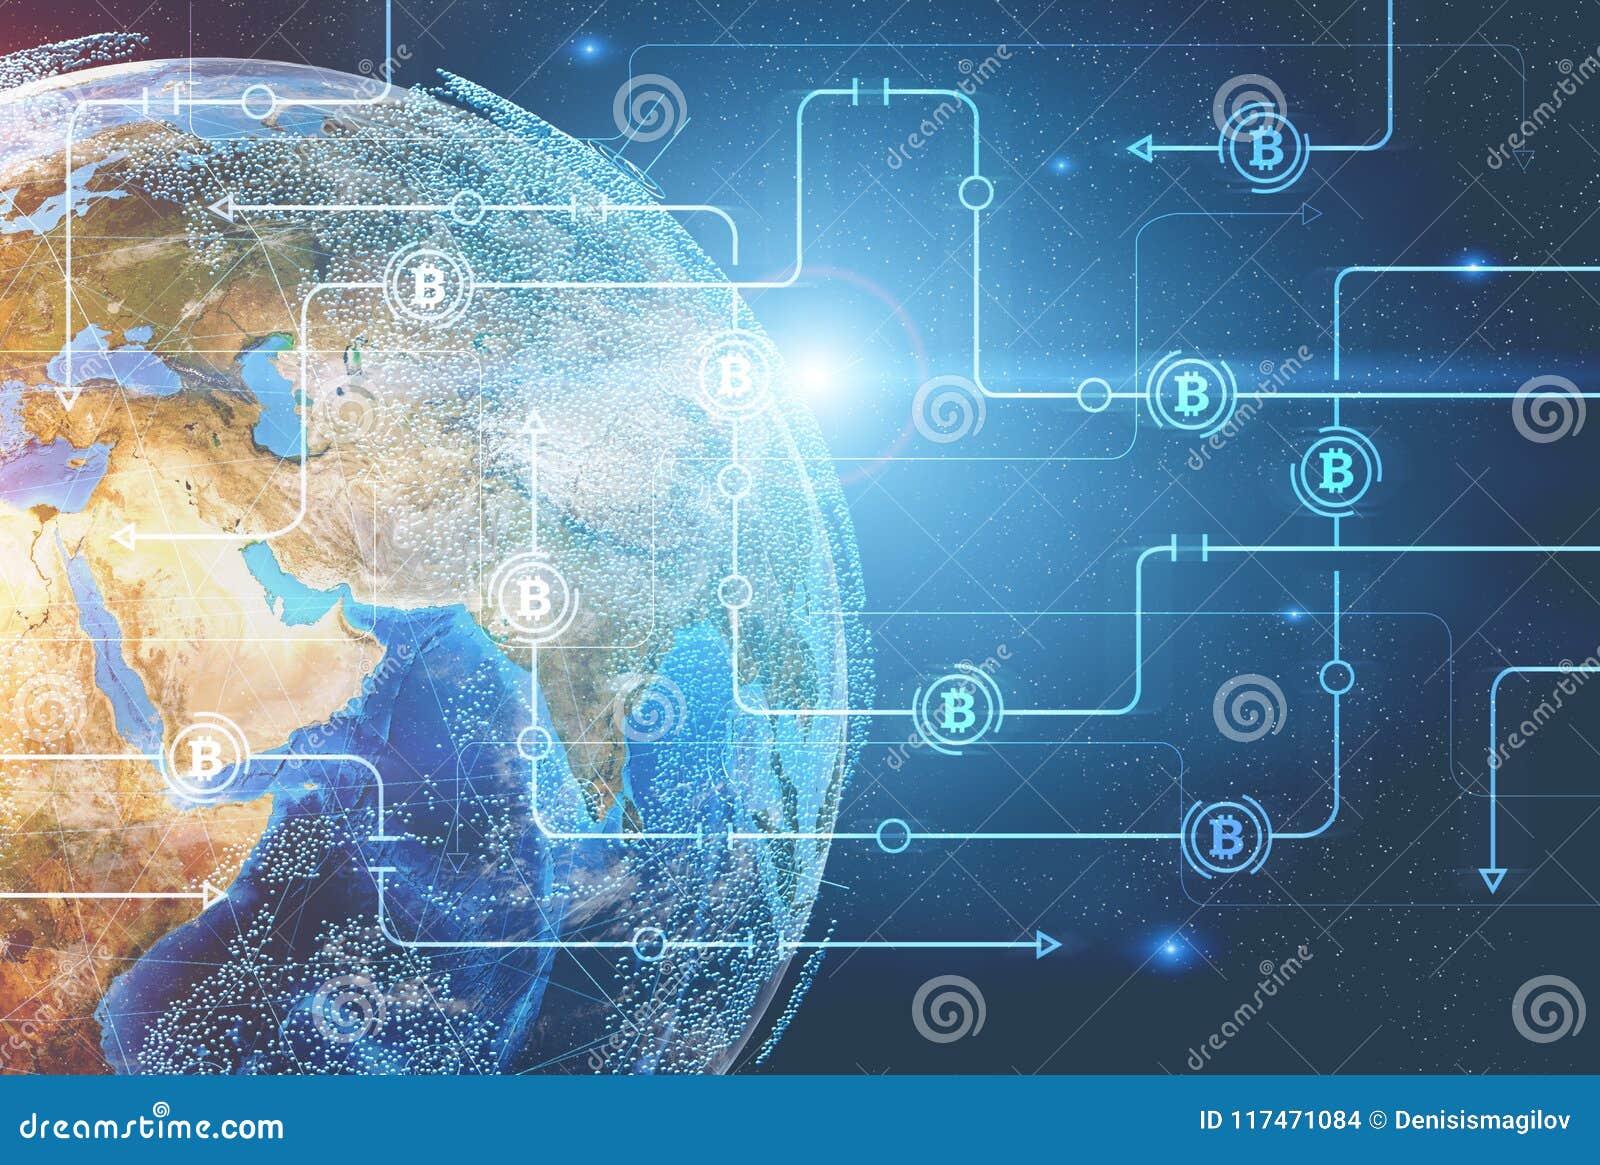 Bitcoin-Netz gegen Planet Erde